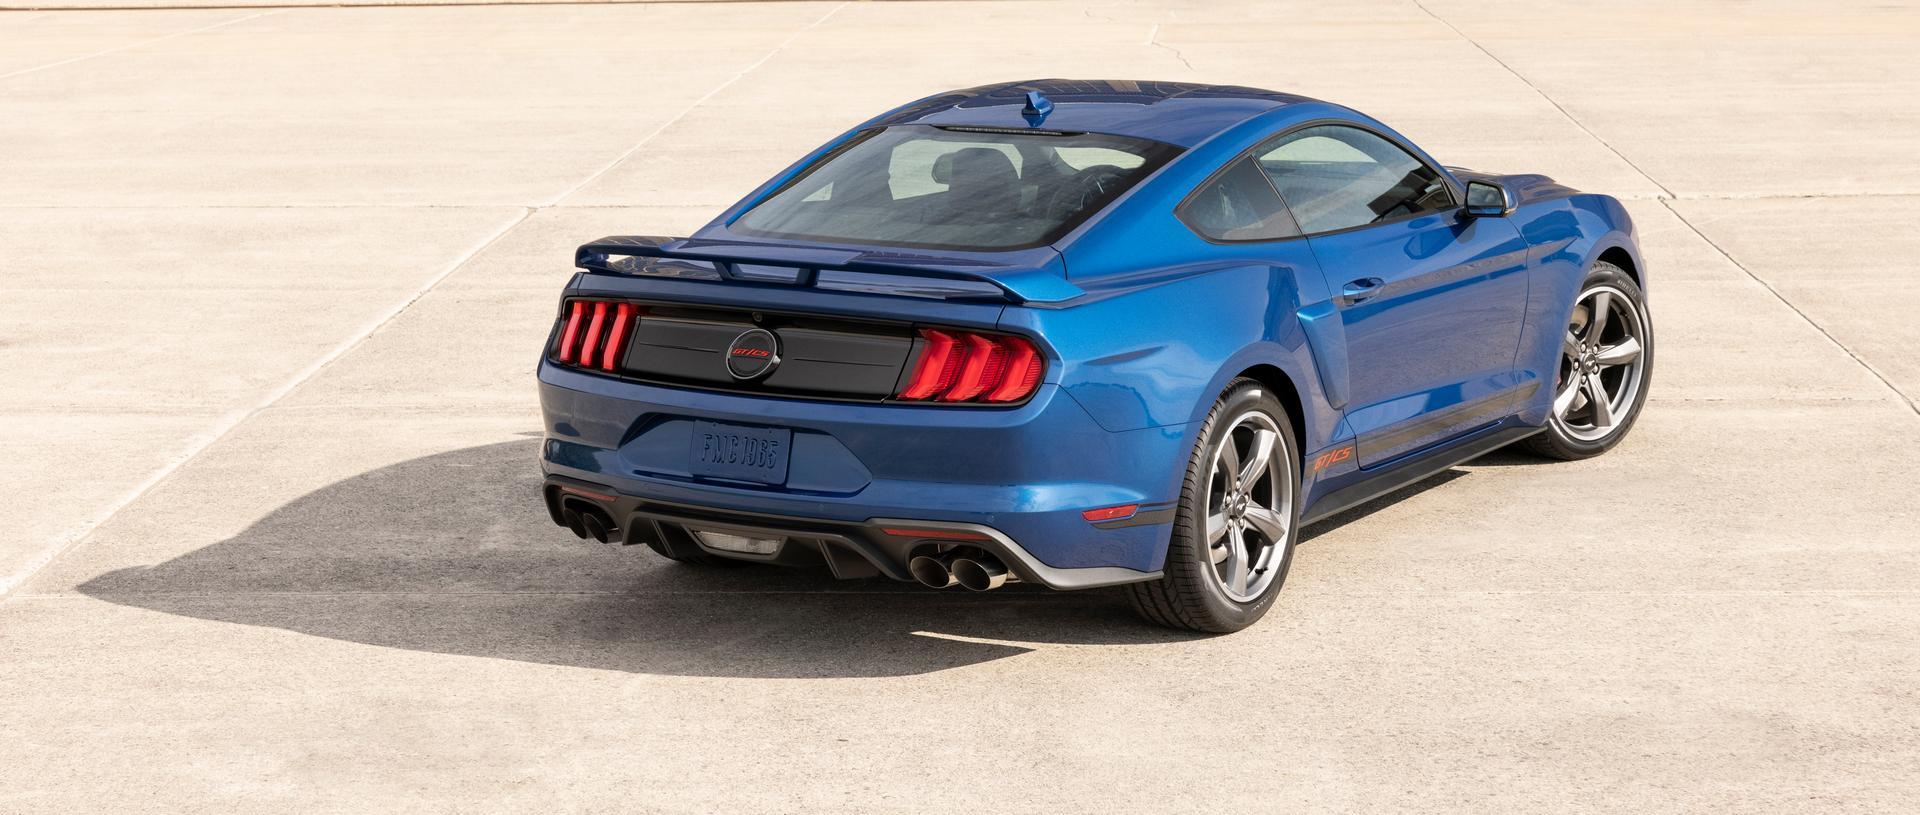 2022 Mustang GT California Special specs